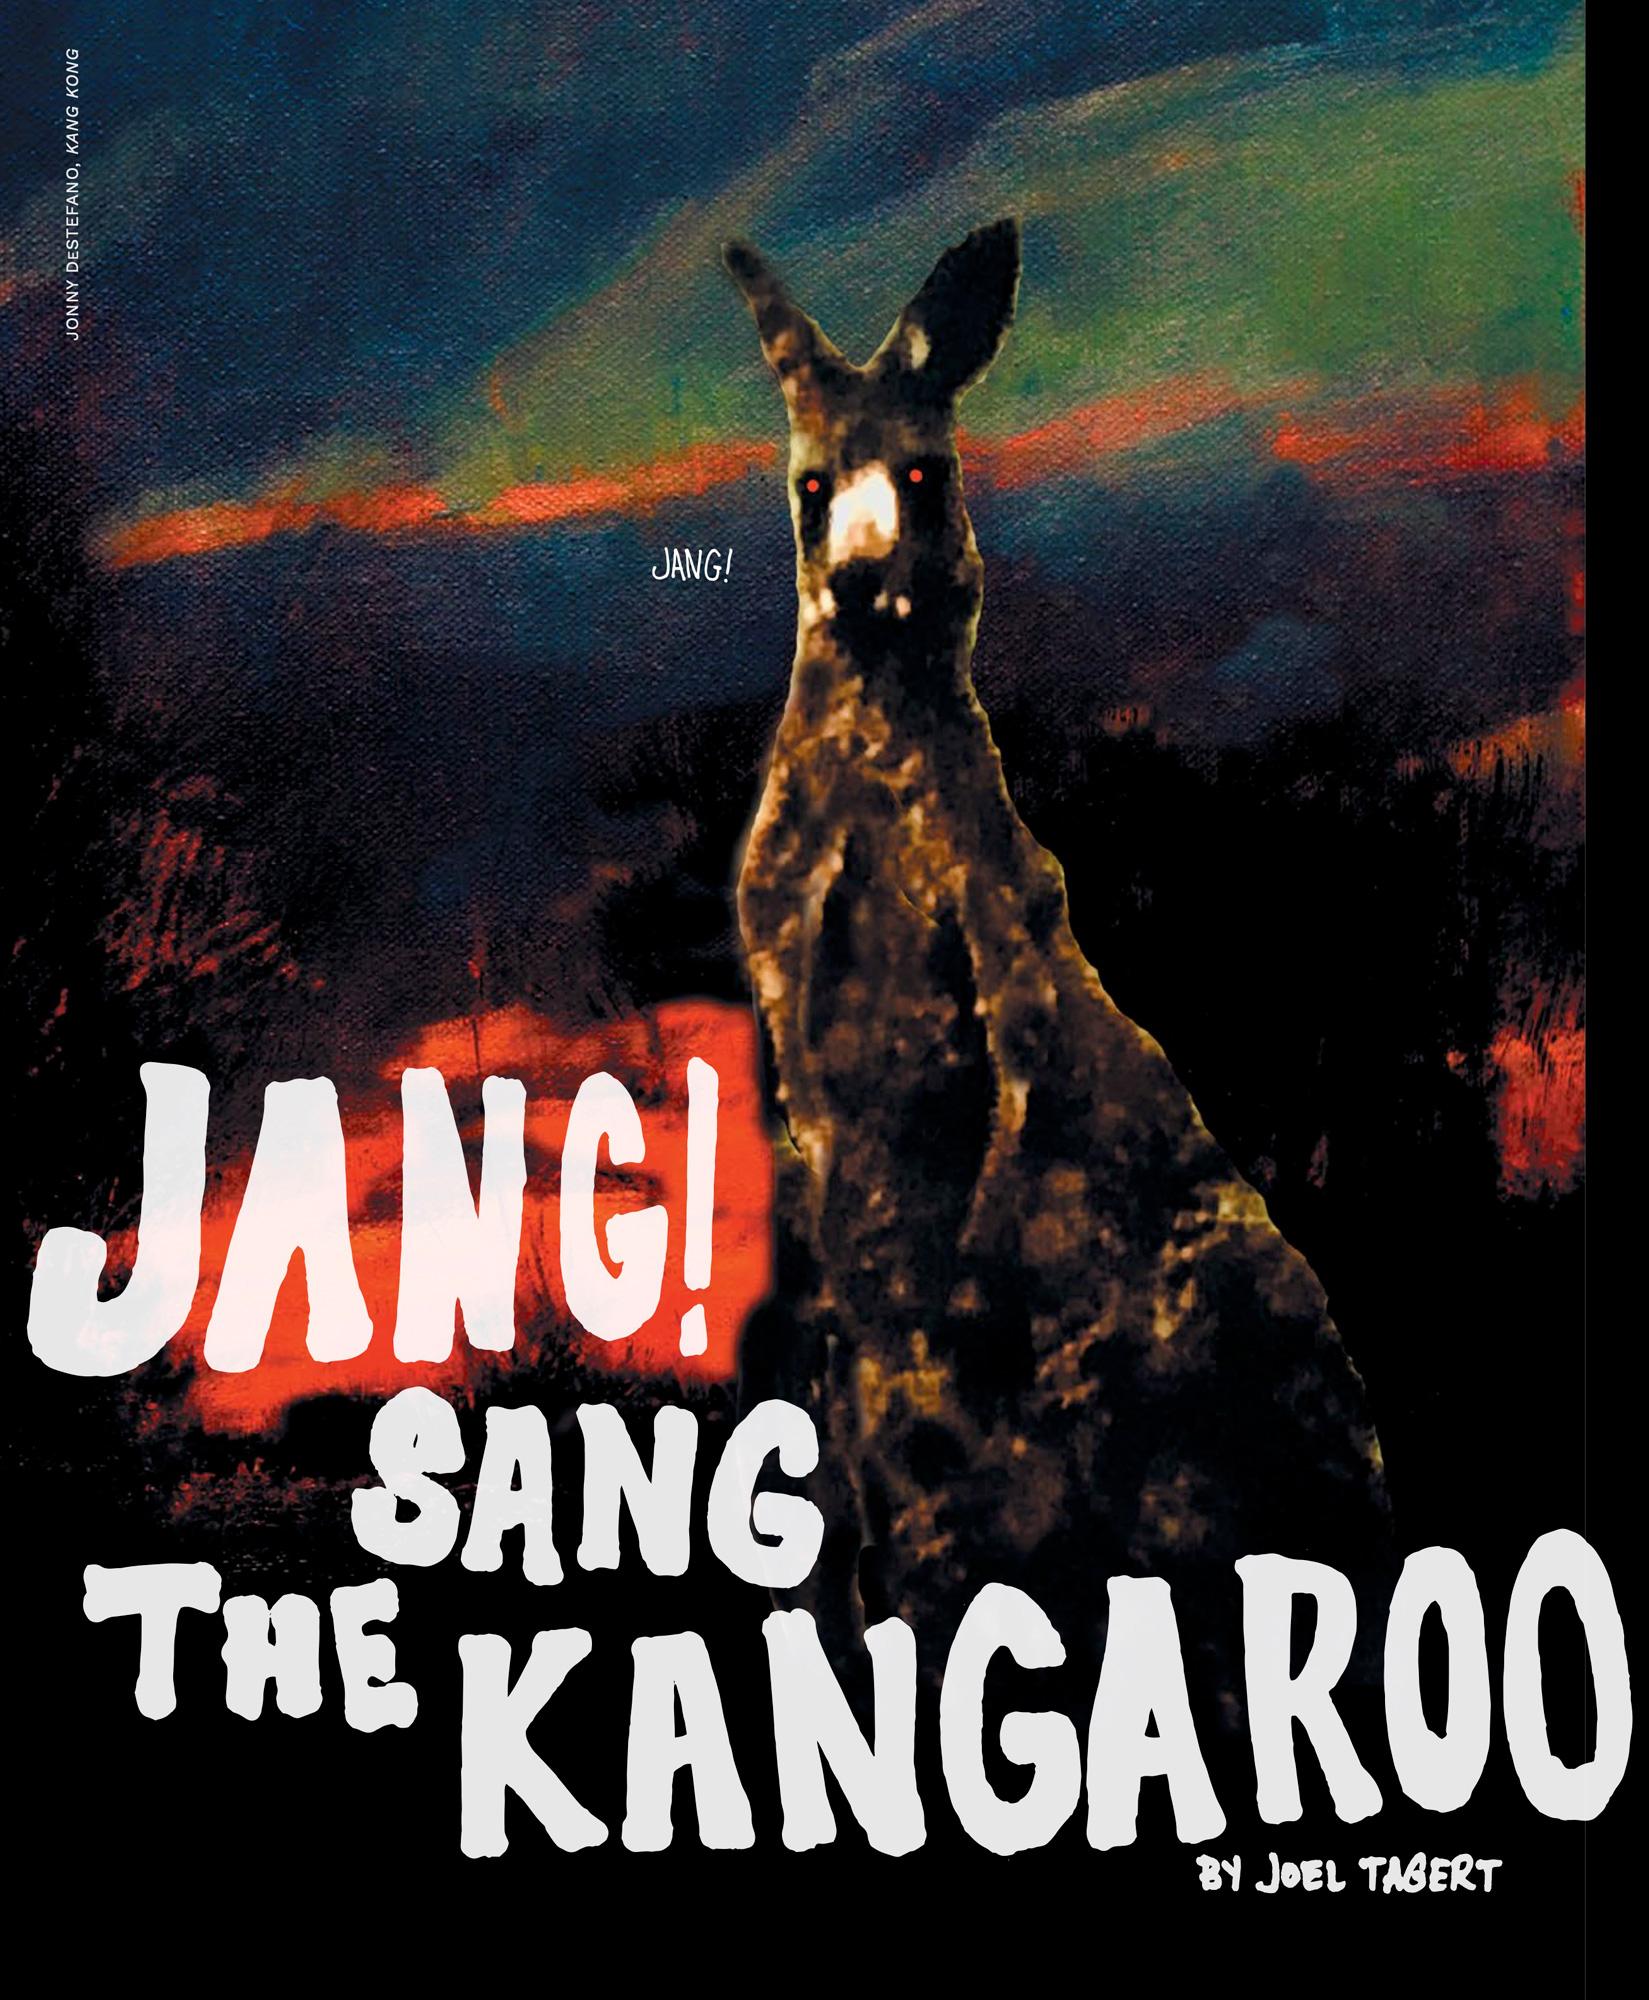 JonnyDeStefano_KangKong_094_JANG! SANG THE KANGAROO by Joel Tagert